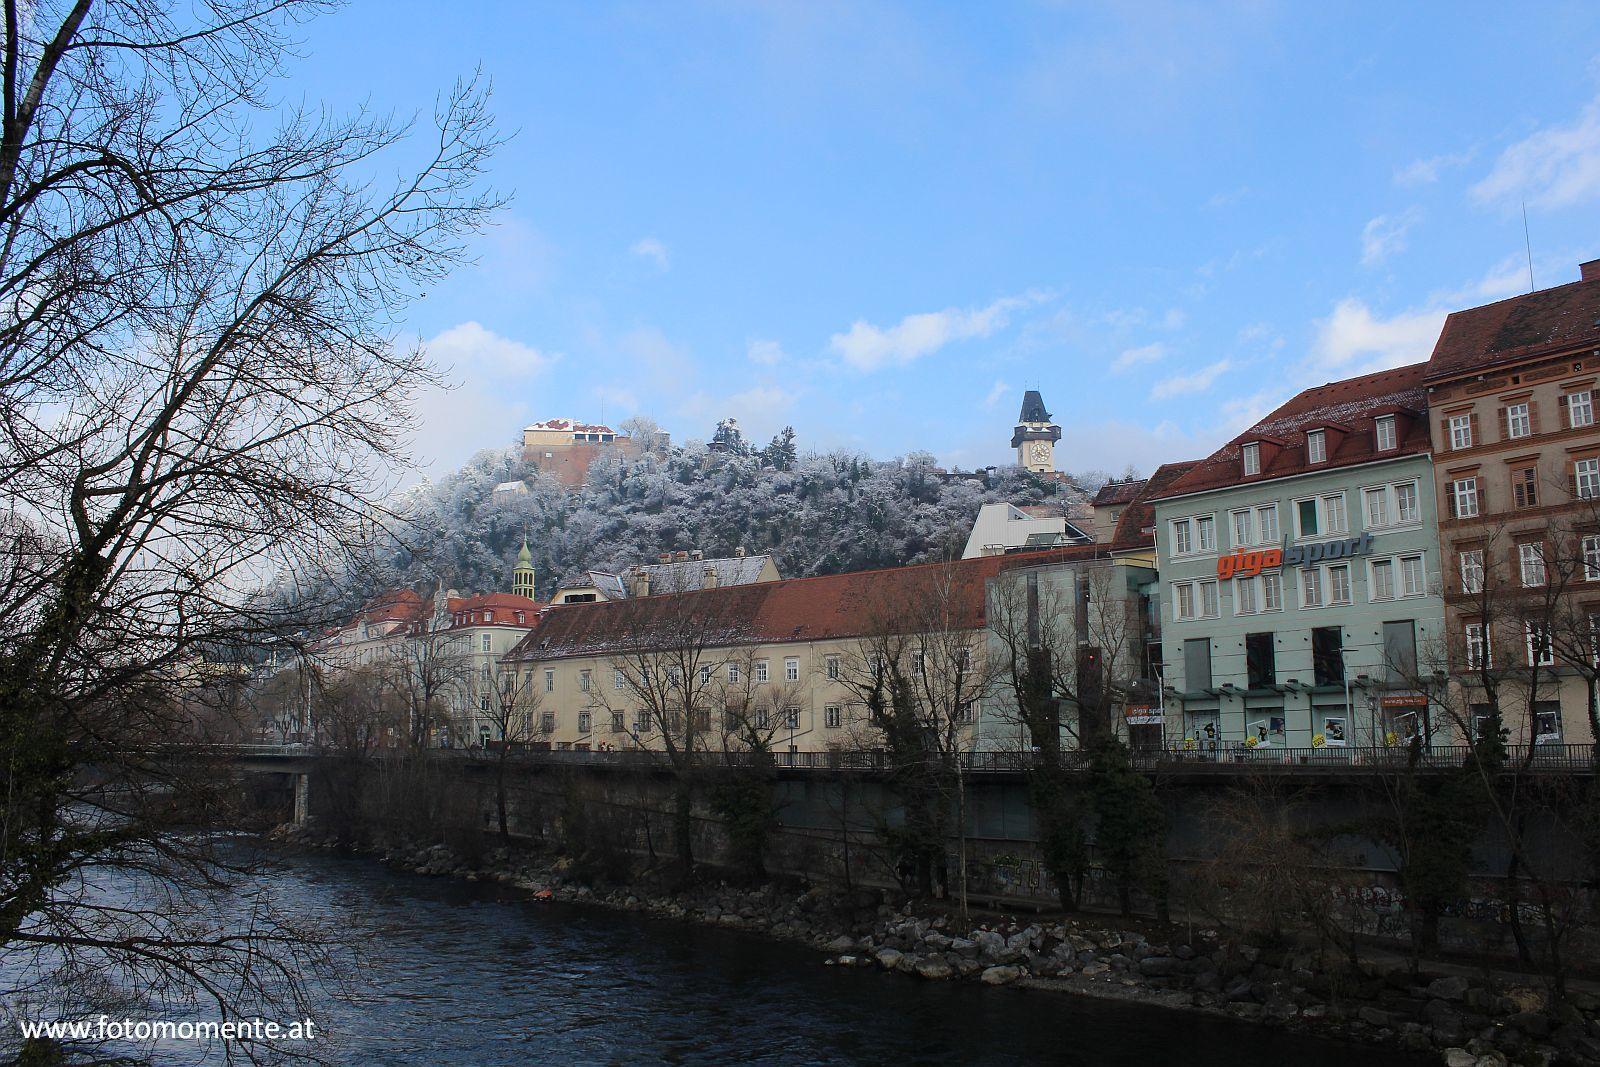 stallbastei uhrturm schlossberg graz hauptbrücke - Stallbastei und Uhrturm am Schlossberg in Graz gesehen von der Hauptbrücke